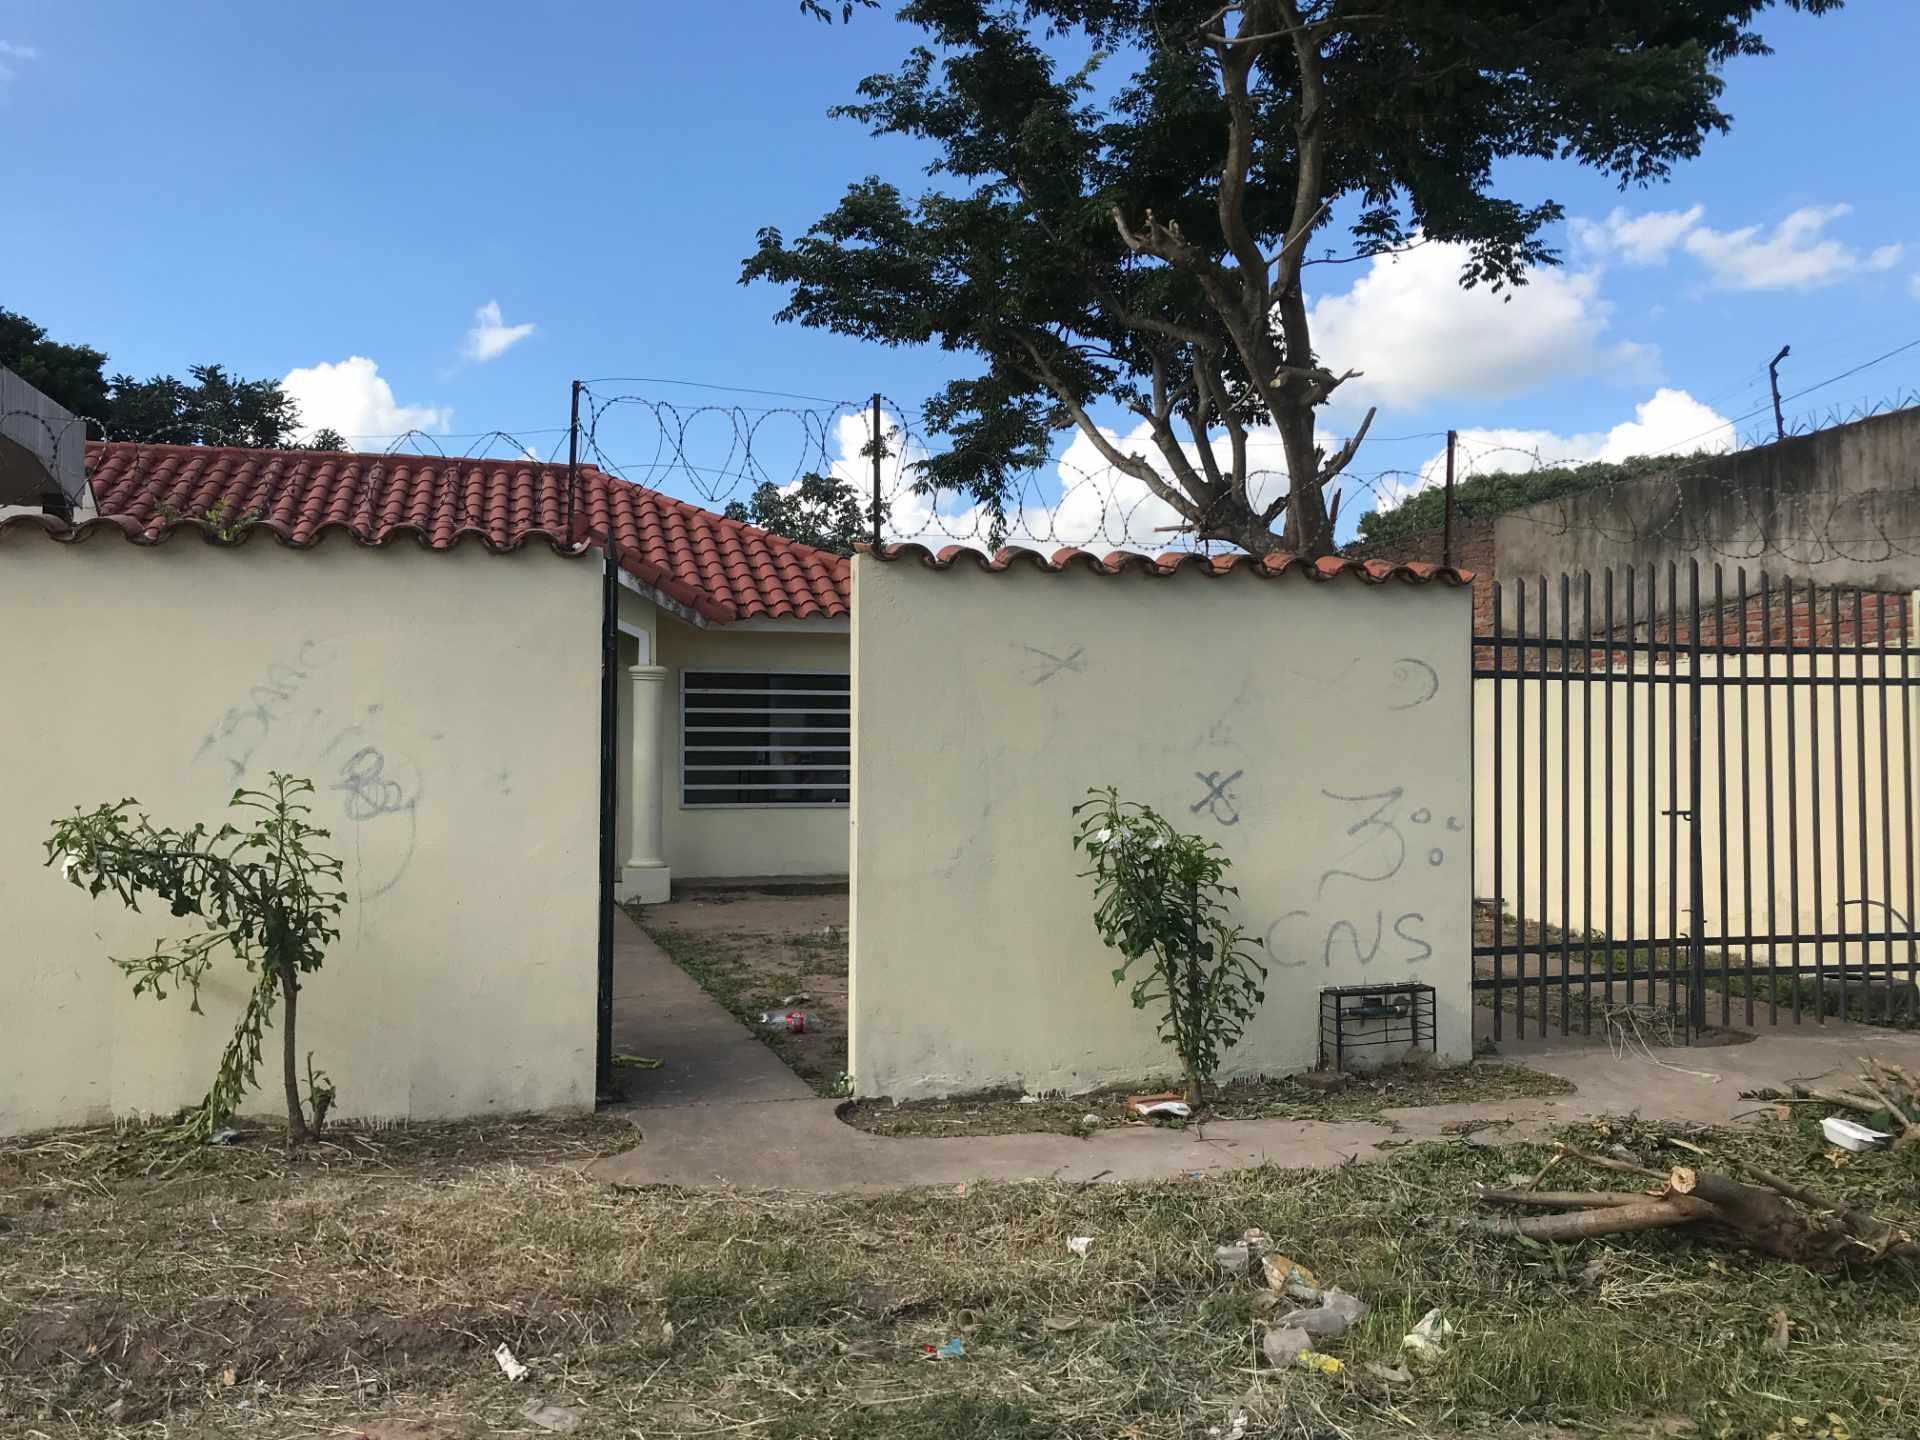 Casa en Venta AV. BANZER 8vo ANILLO, ZONA EL REMANSO III Foto 1